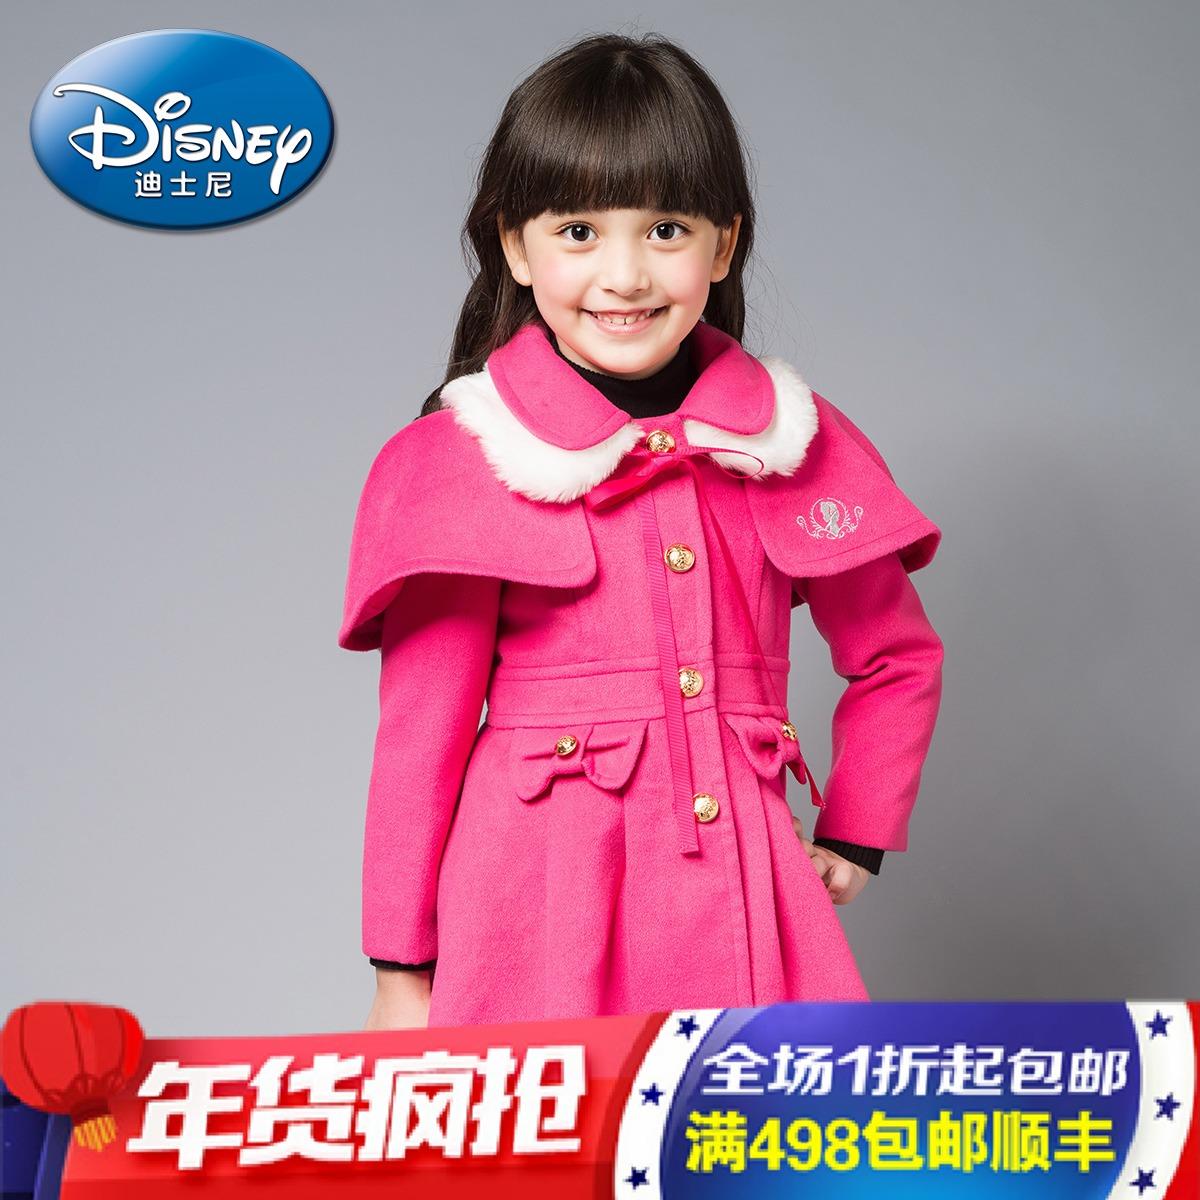 绿盒子童装迪士尼女童 可拆卸斗篷呢子大衣儿童外套 2014秋冬新款